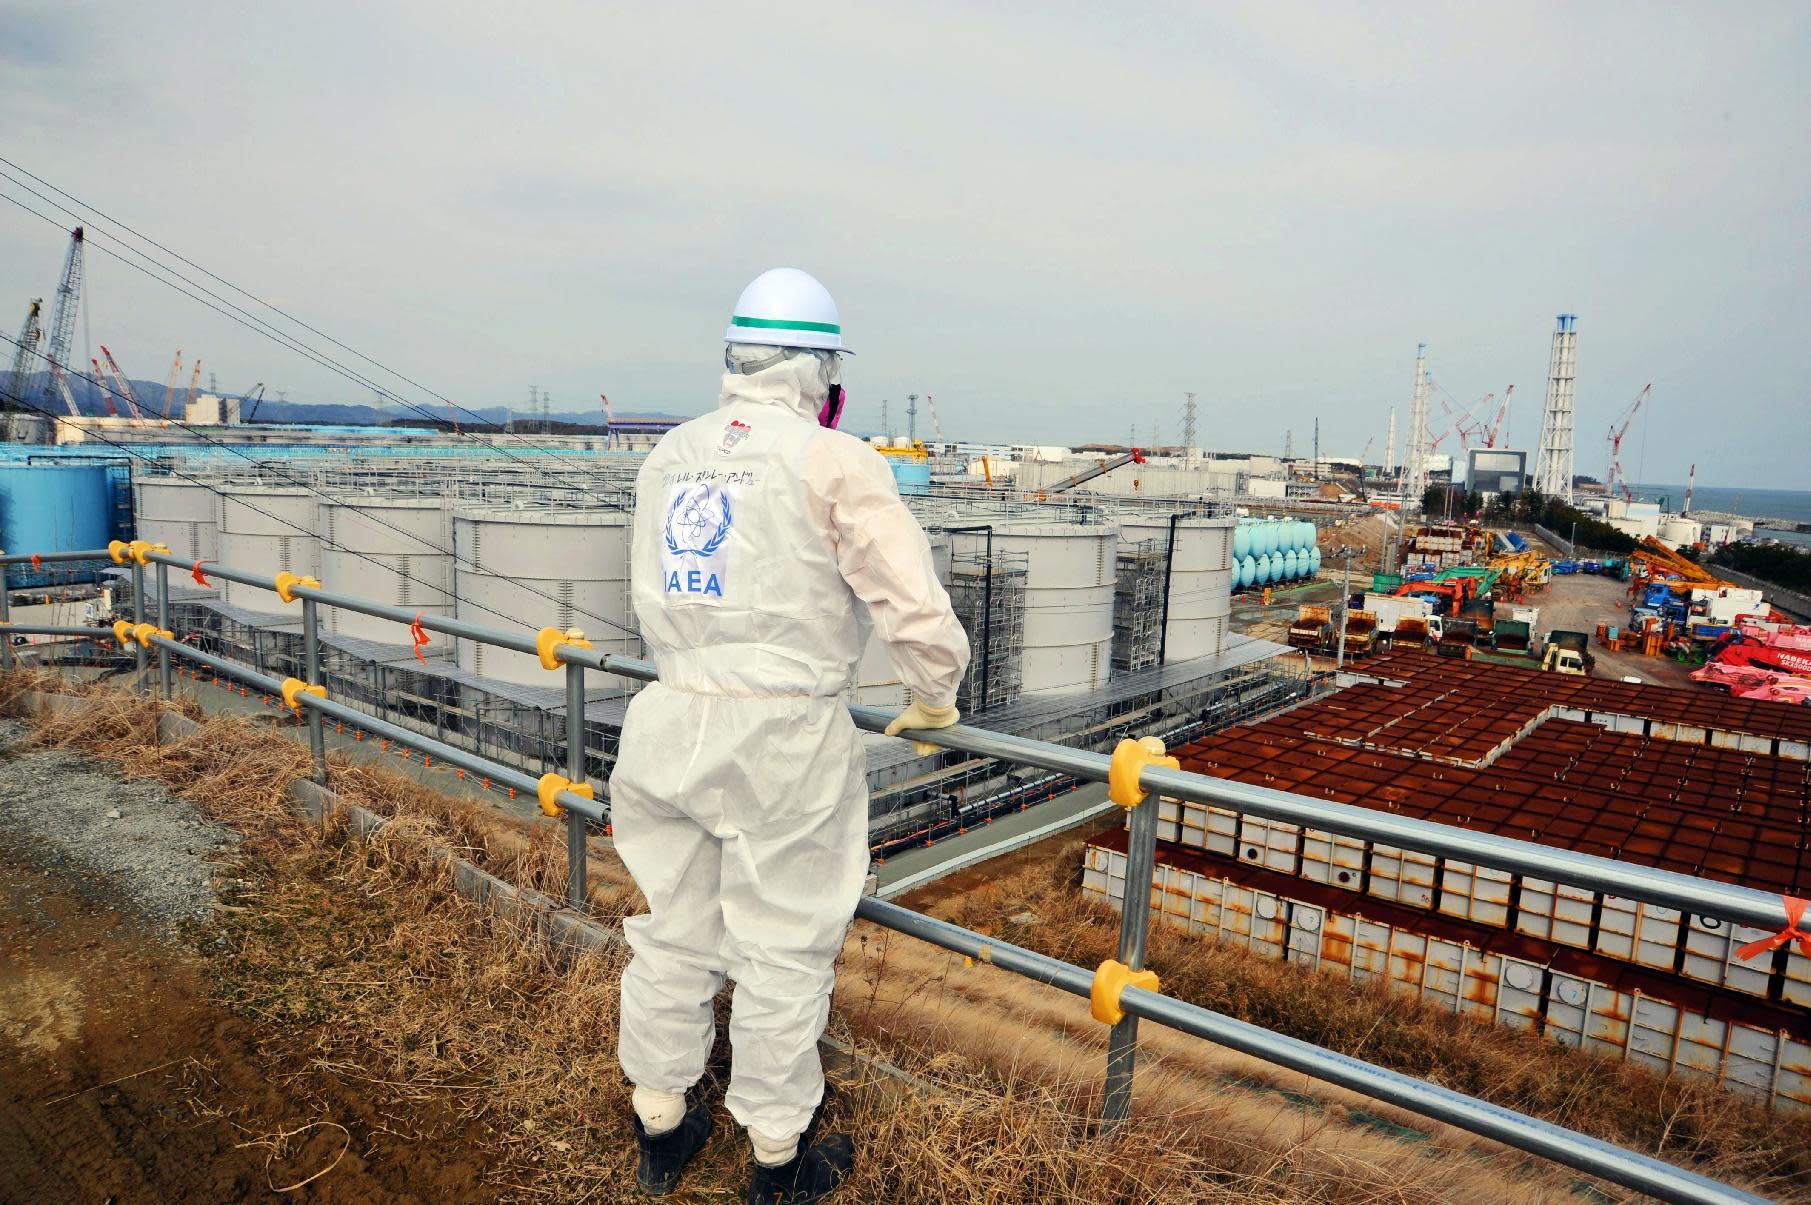 A member of the IAEA mission team inspects TEPCO's Fukushima Daiichi Nuclear Power Station in Okuma, Fukushima prefecture on February 17, 2015